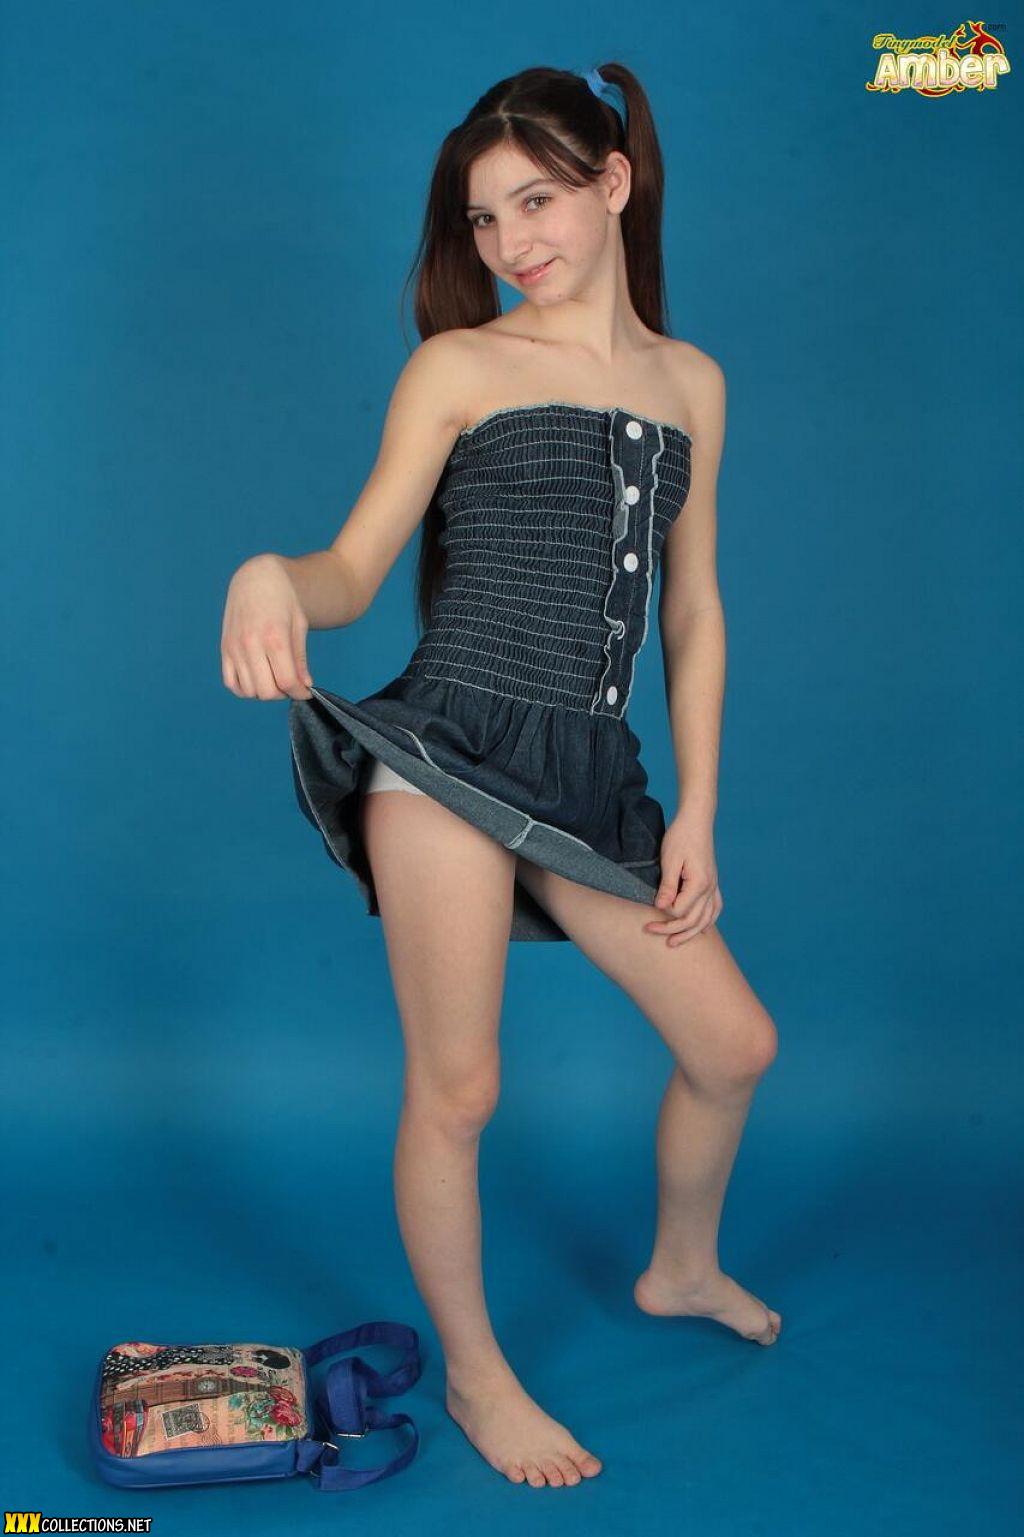 Lil Amber Archives » Art Models Blog